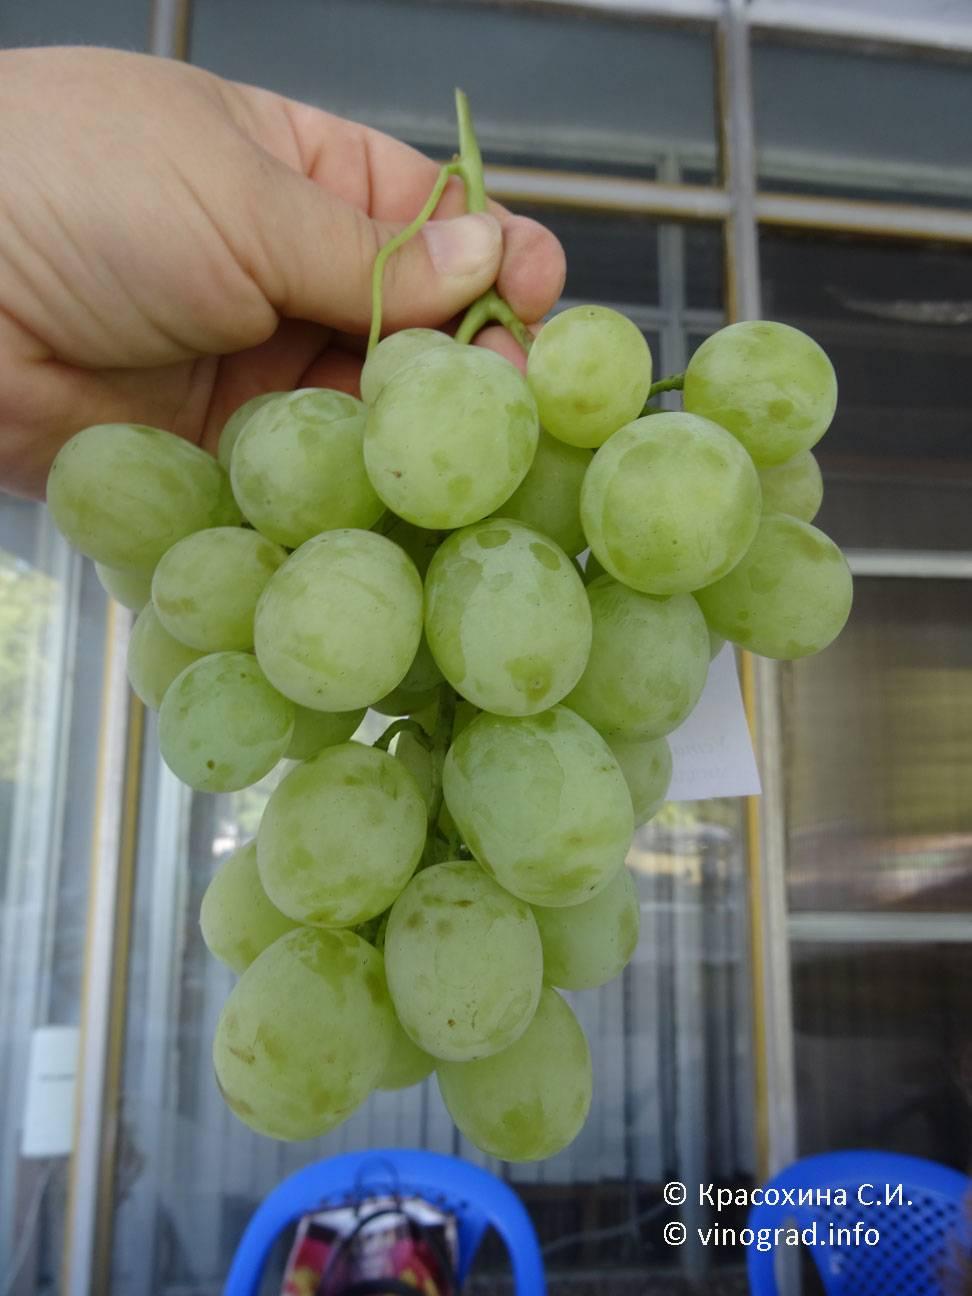 Виноград ванюша: что нужно знать о нем, описание сорта, отзывы